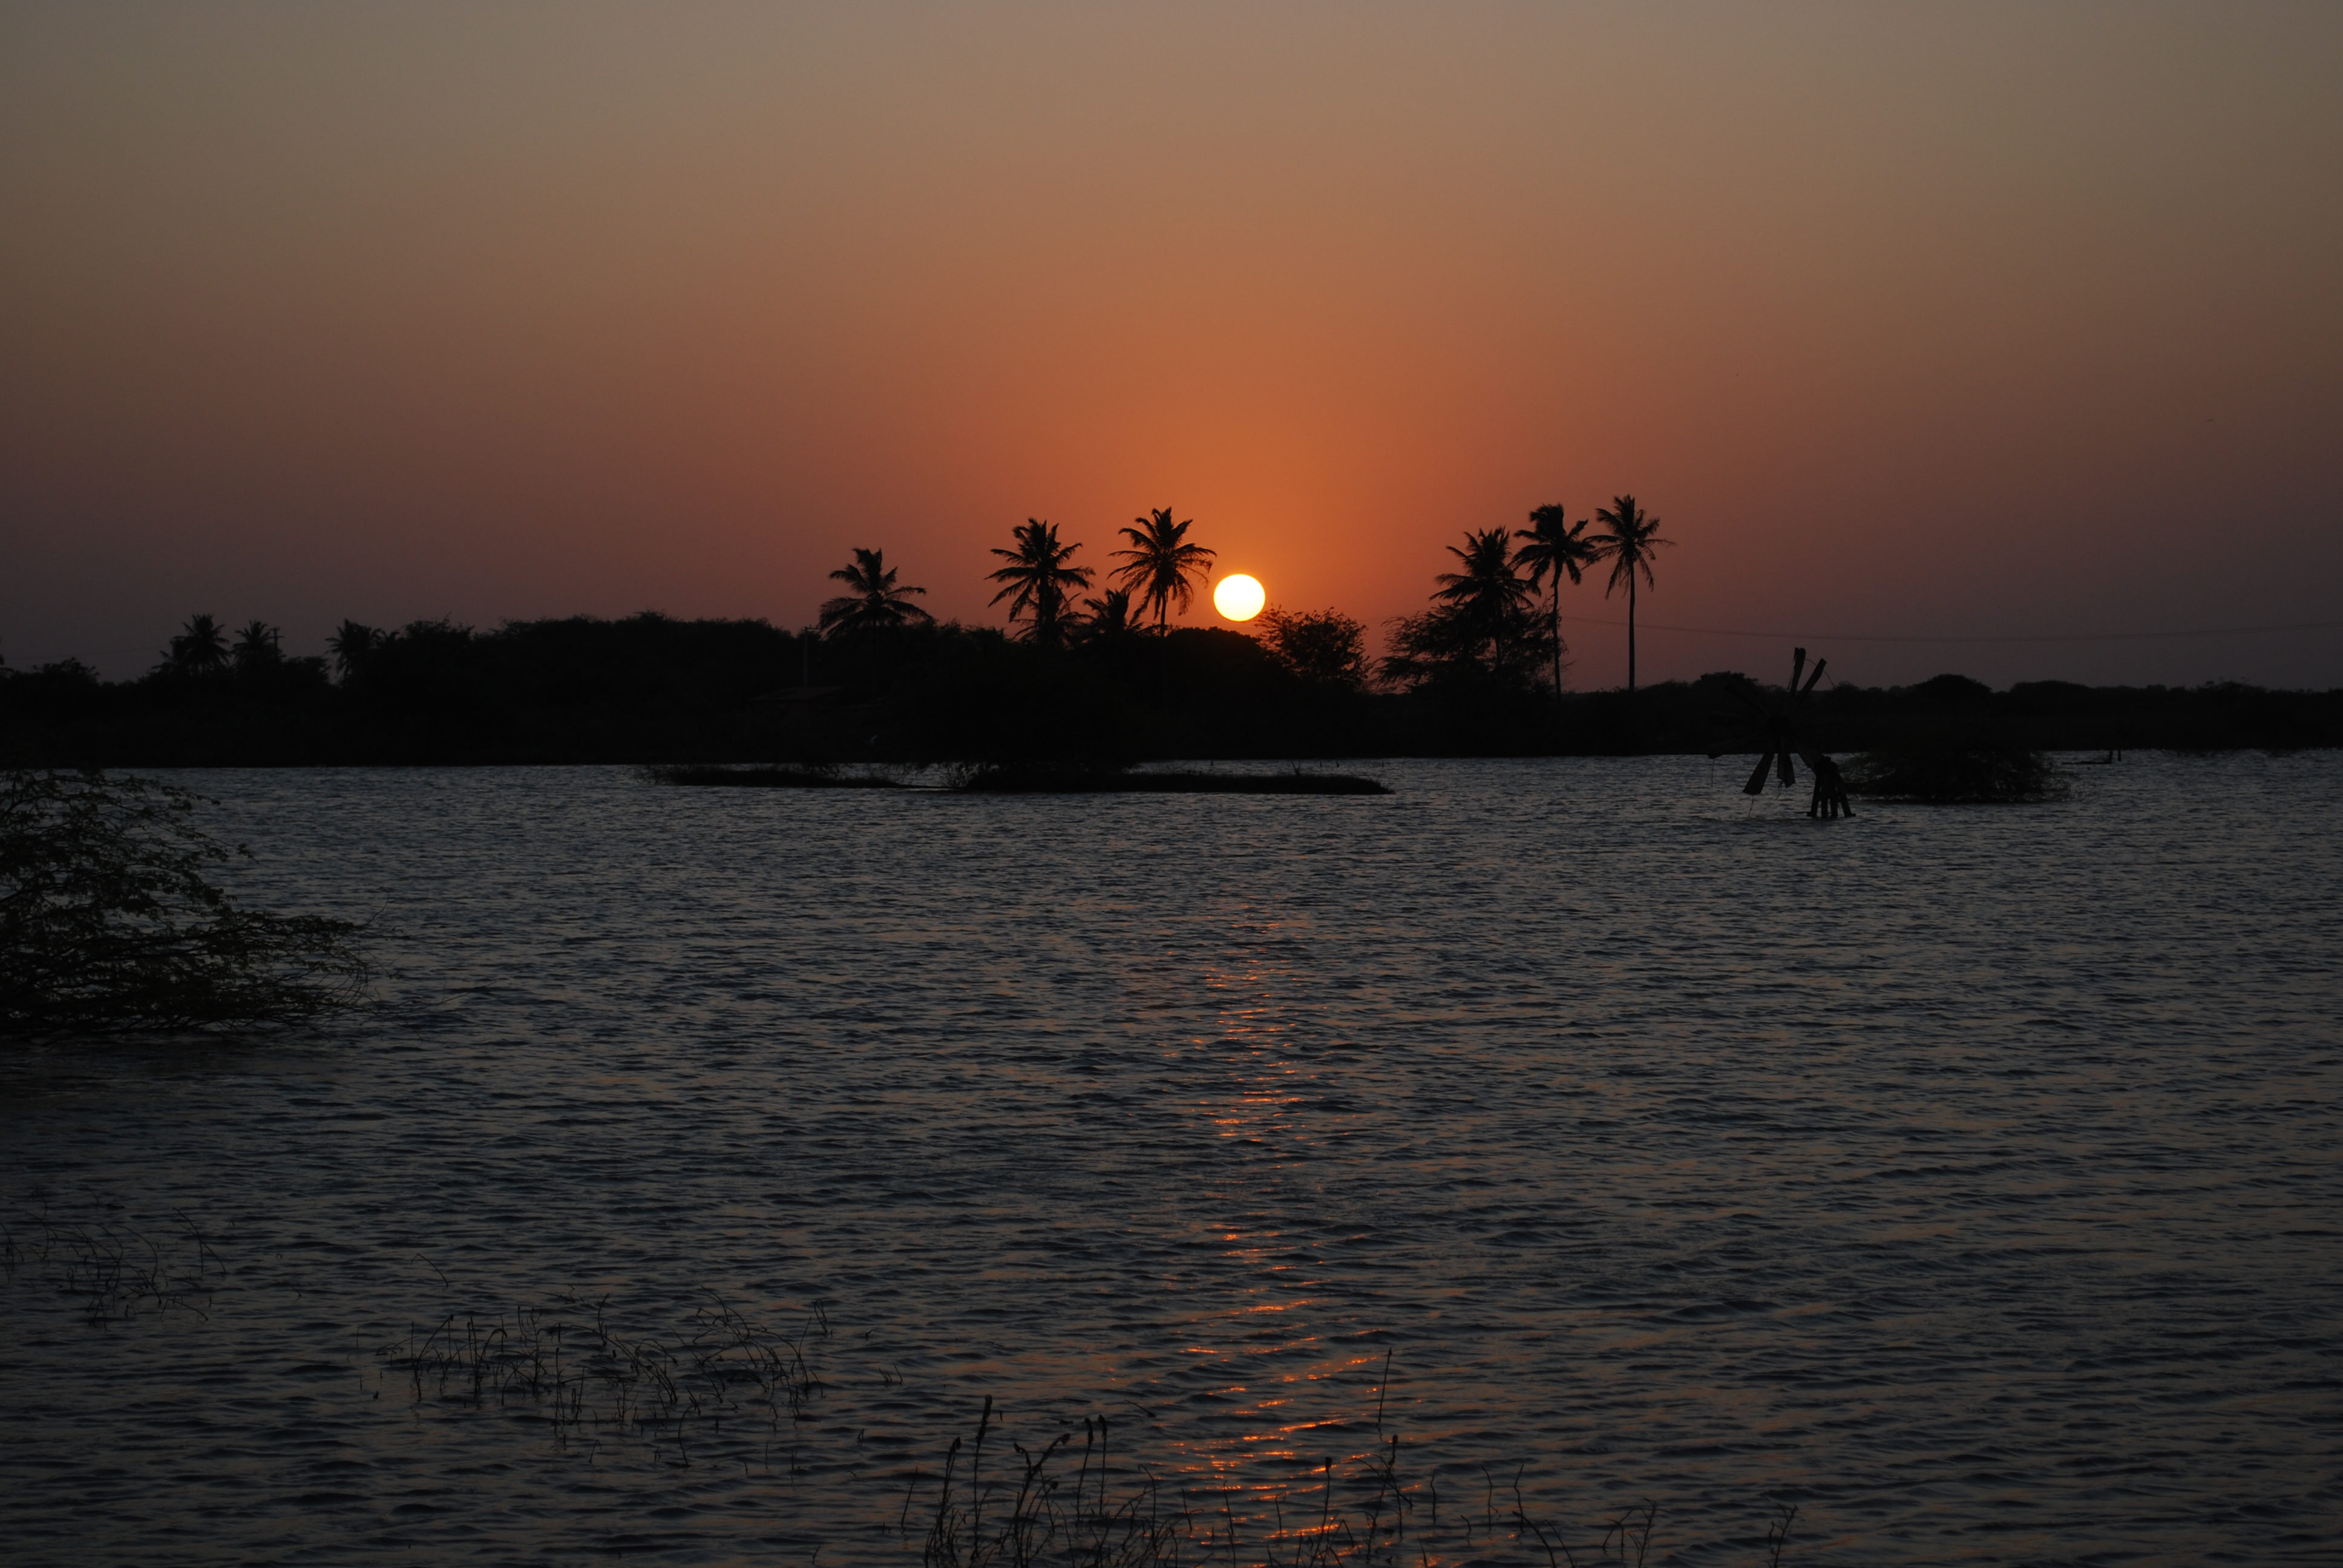 Grossos Rio Grande do Norte fonte: upload.wikimedia.org